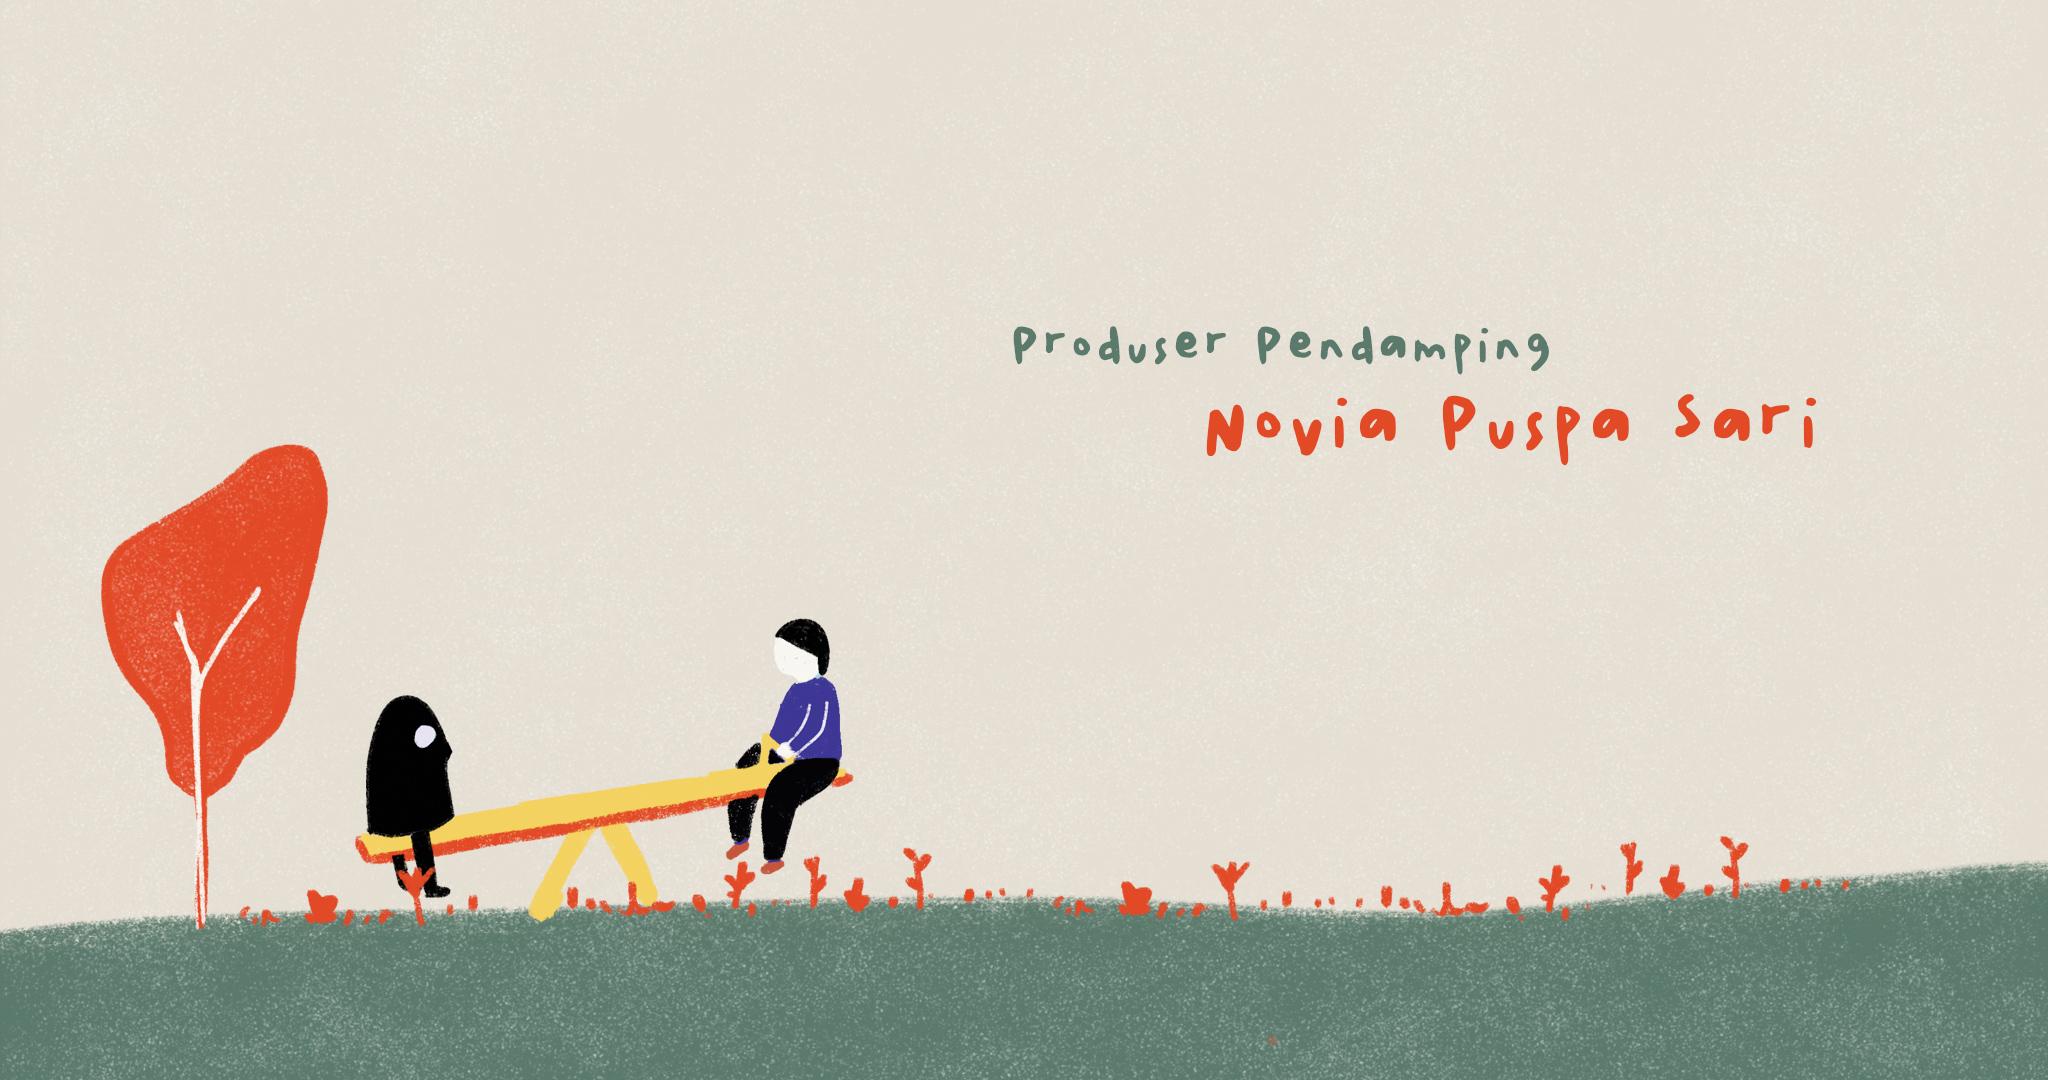 S06_produser pendamping